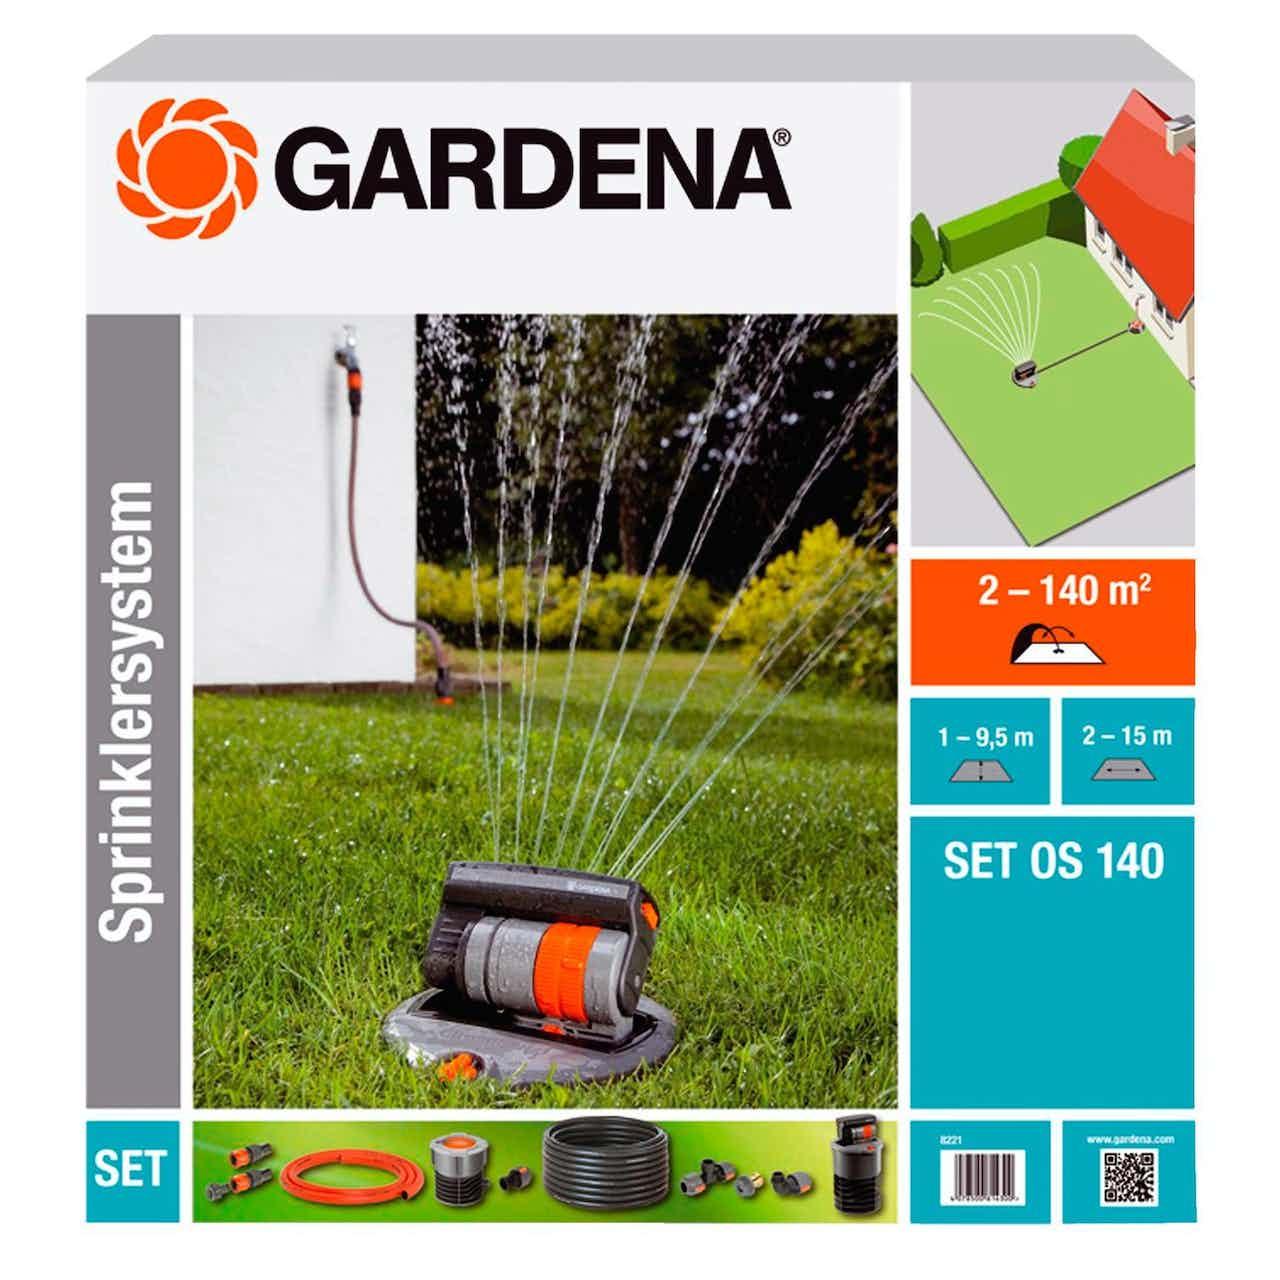 Gardena Komplett-Set mit Viereck-Versenkregner OS 140 für Flächen bis zu 140 m²